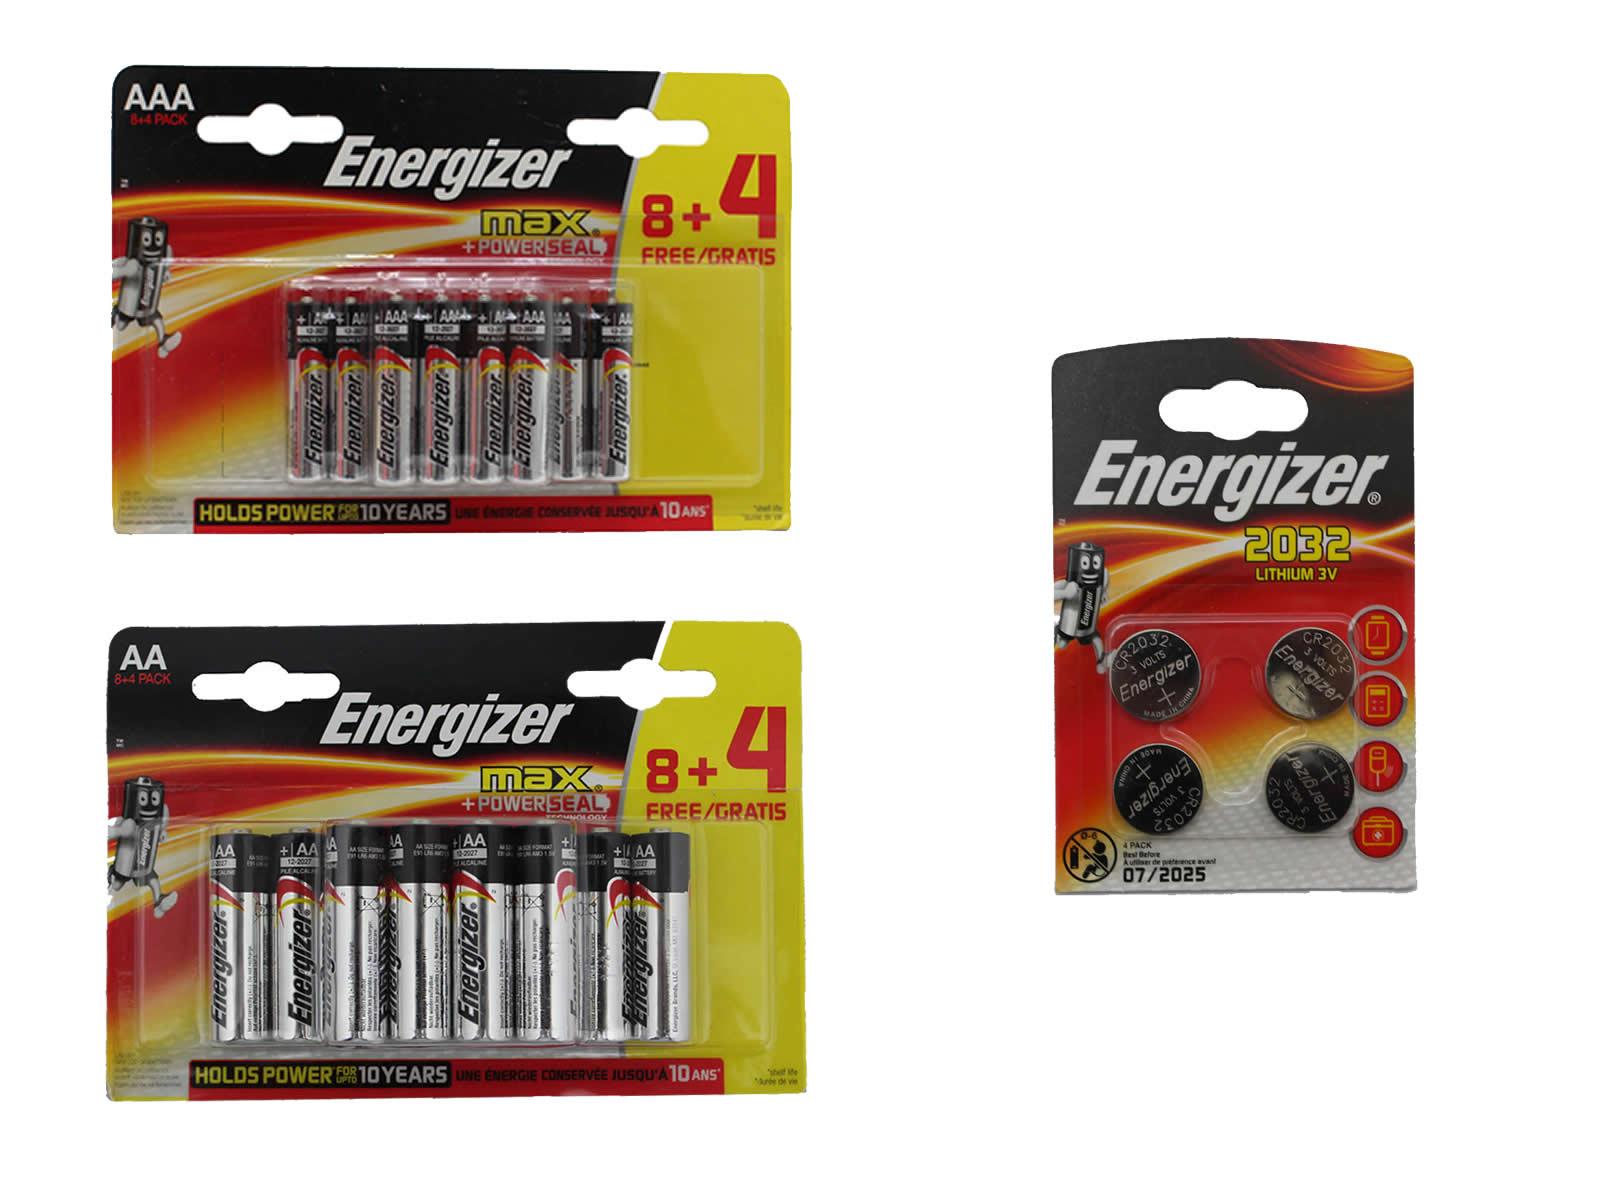 energizer batterie aaa aa 1 5v cr2032 knopfzellen lr03 lr6. Black Bedroom Furniture Sets. Home Design Ideas